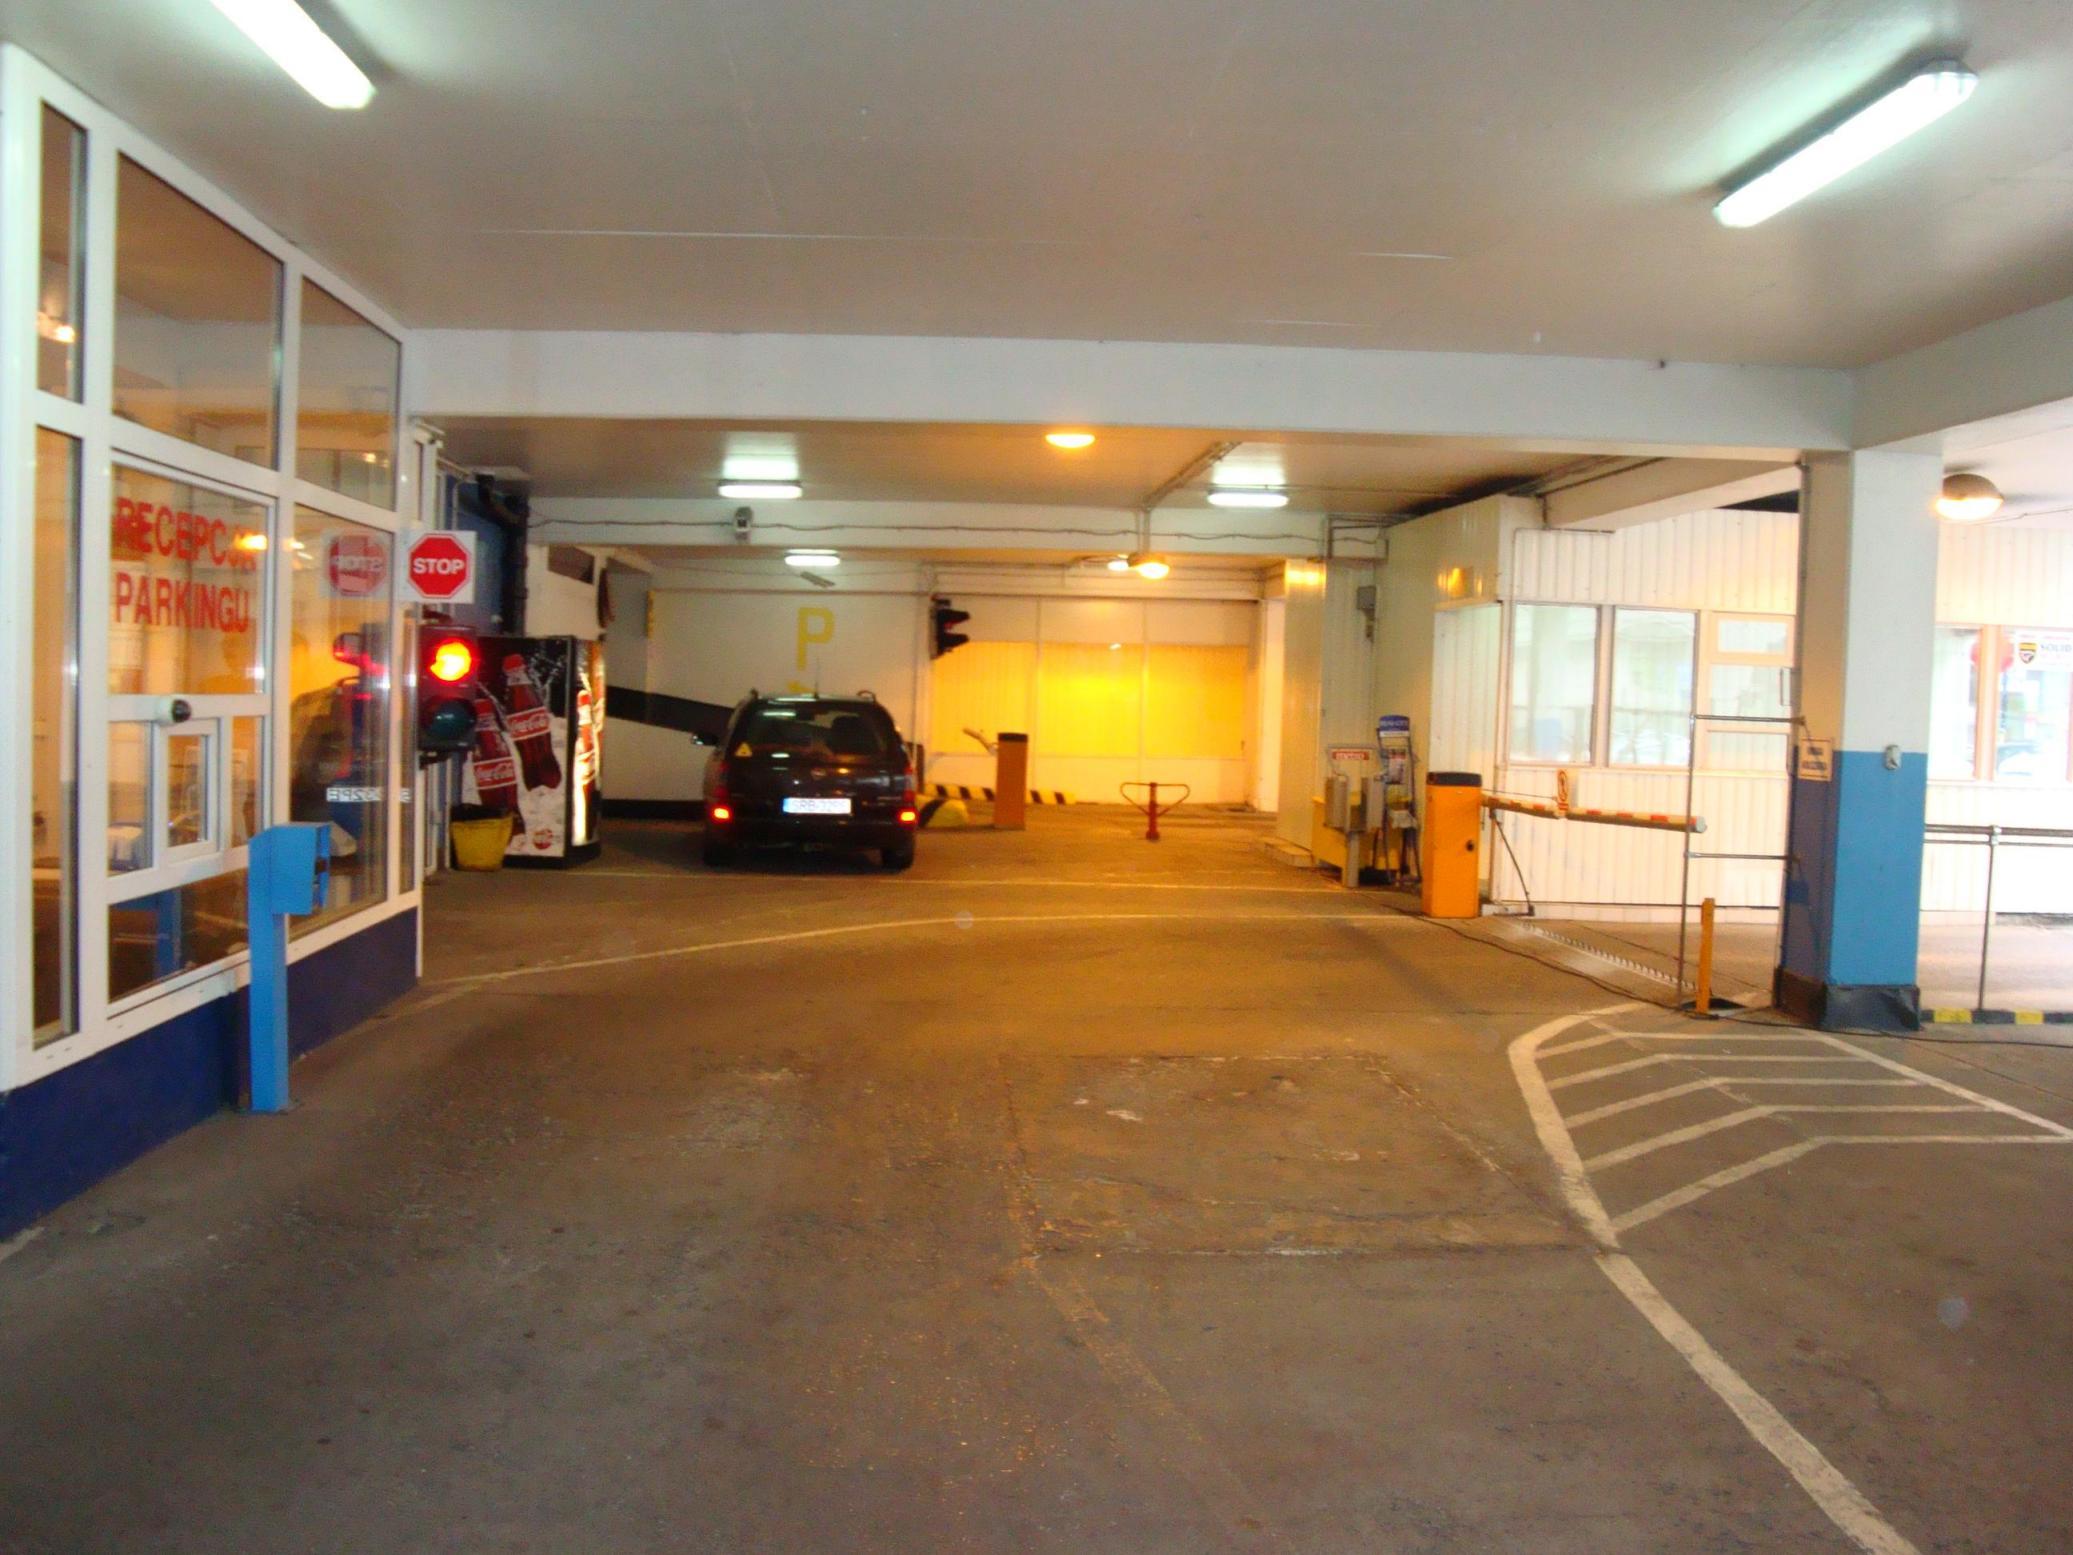 Roba Capital Parking Warszawa system parkingowy 2